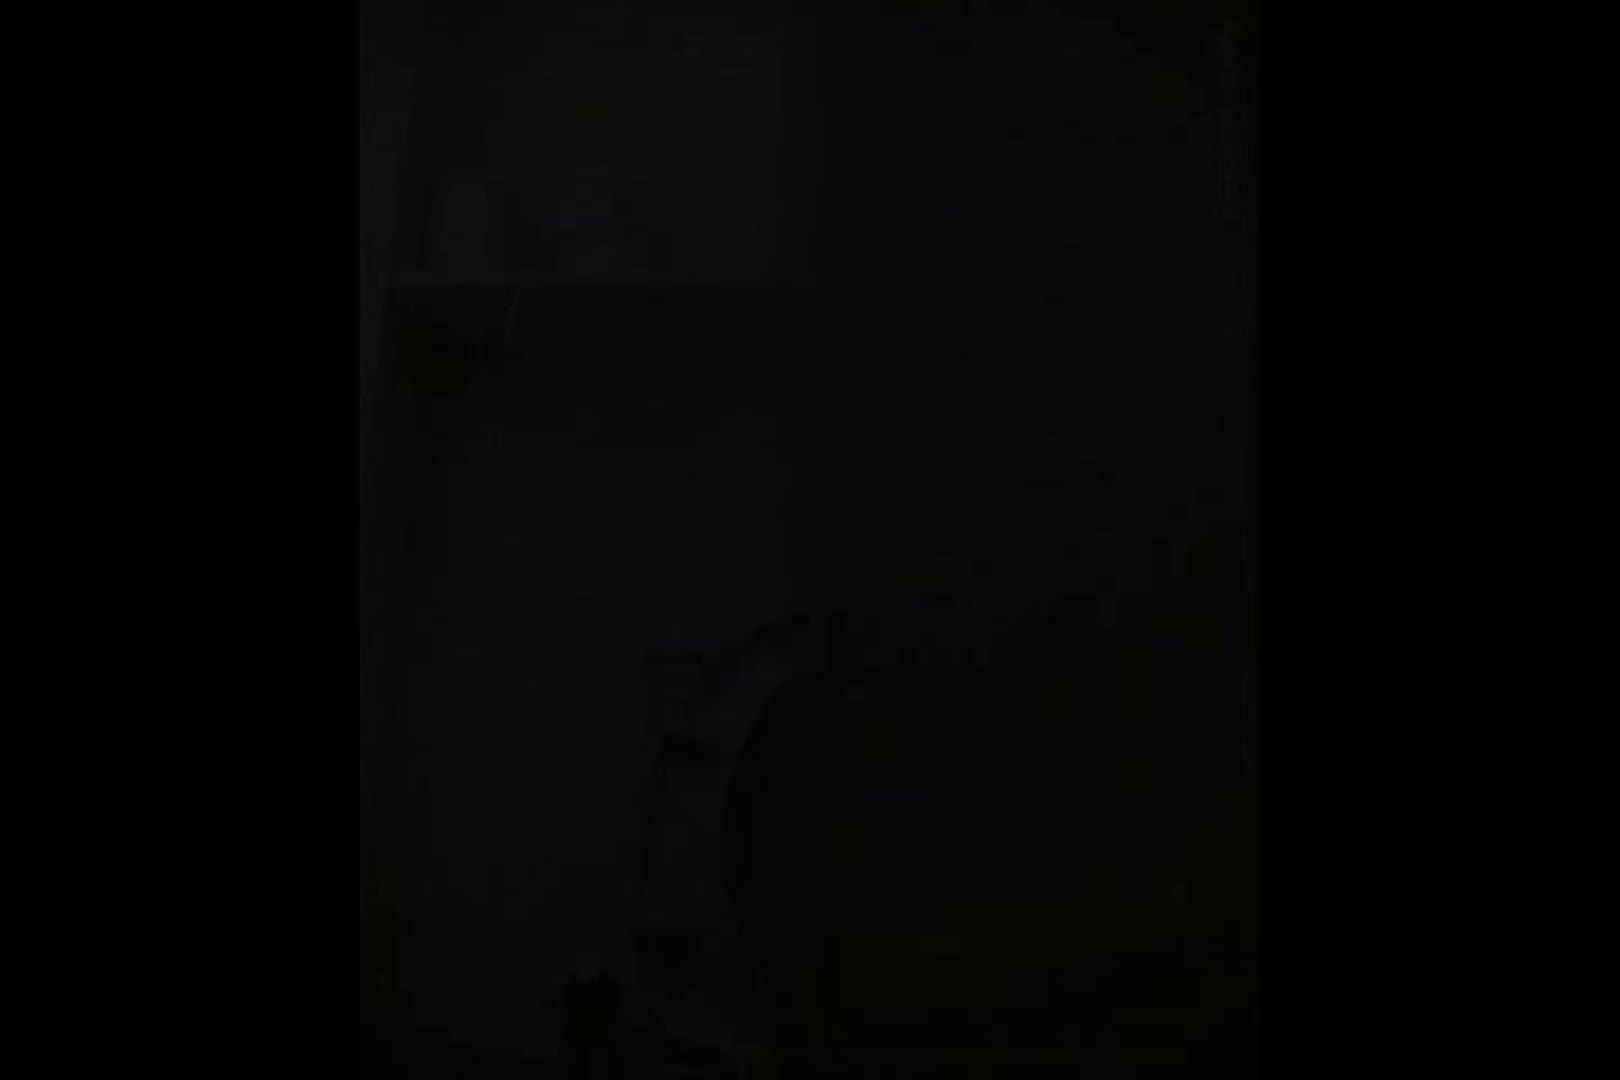 美女洗面所!痴態の生現場その10 Hな美女 スケベ動画紹介 110pic 3